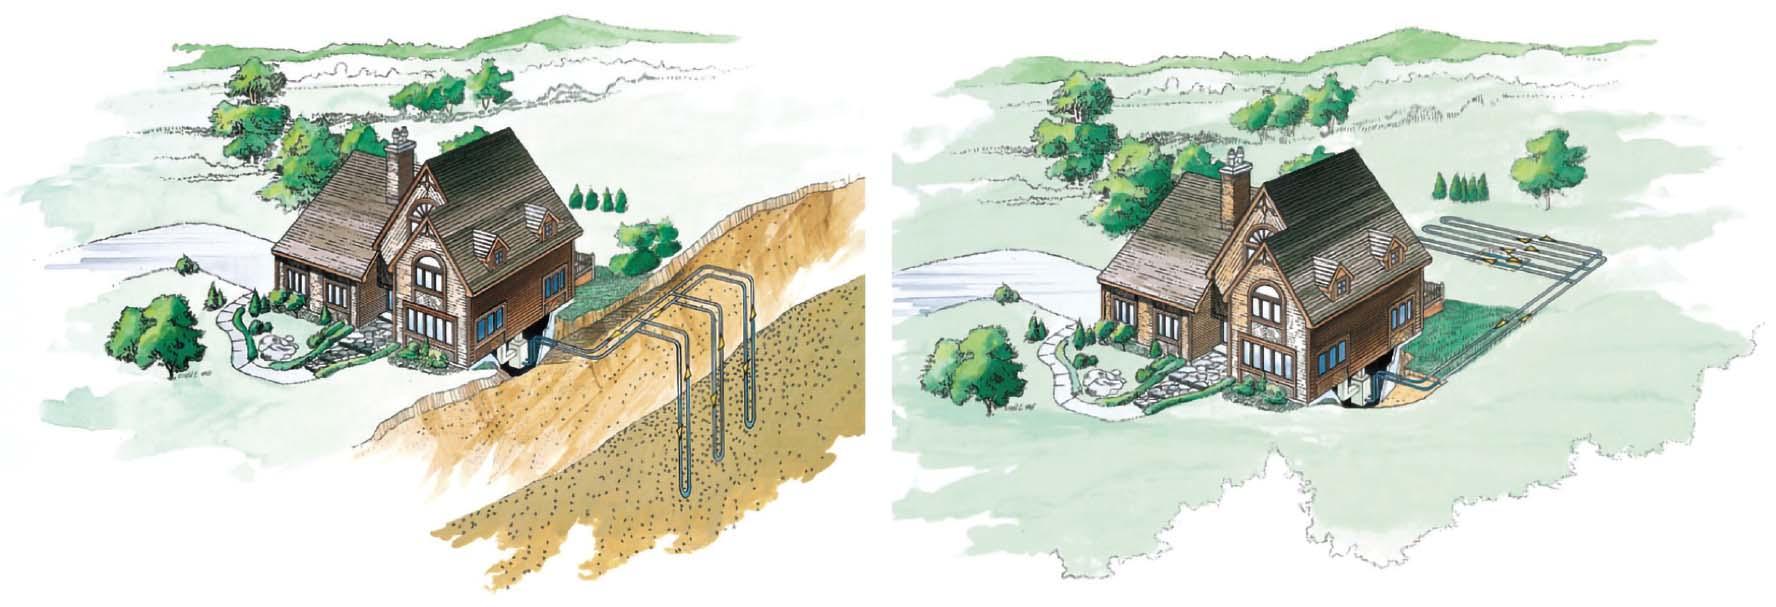 Geothermal loop diagrams.